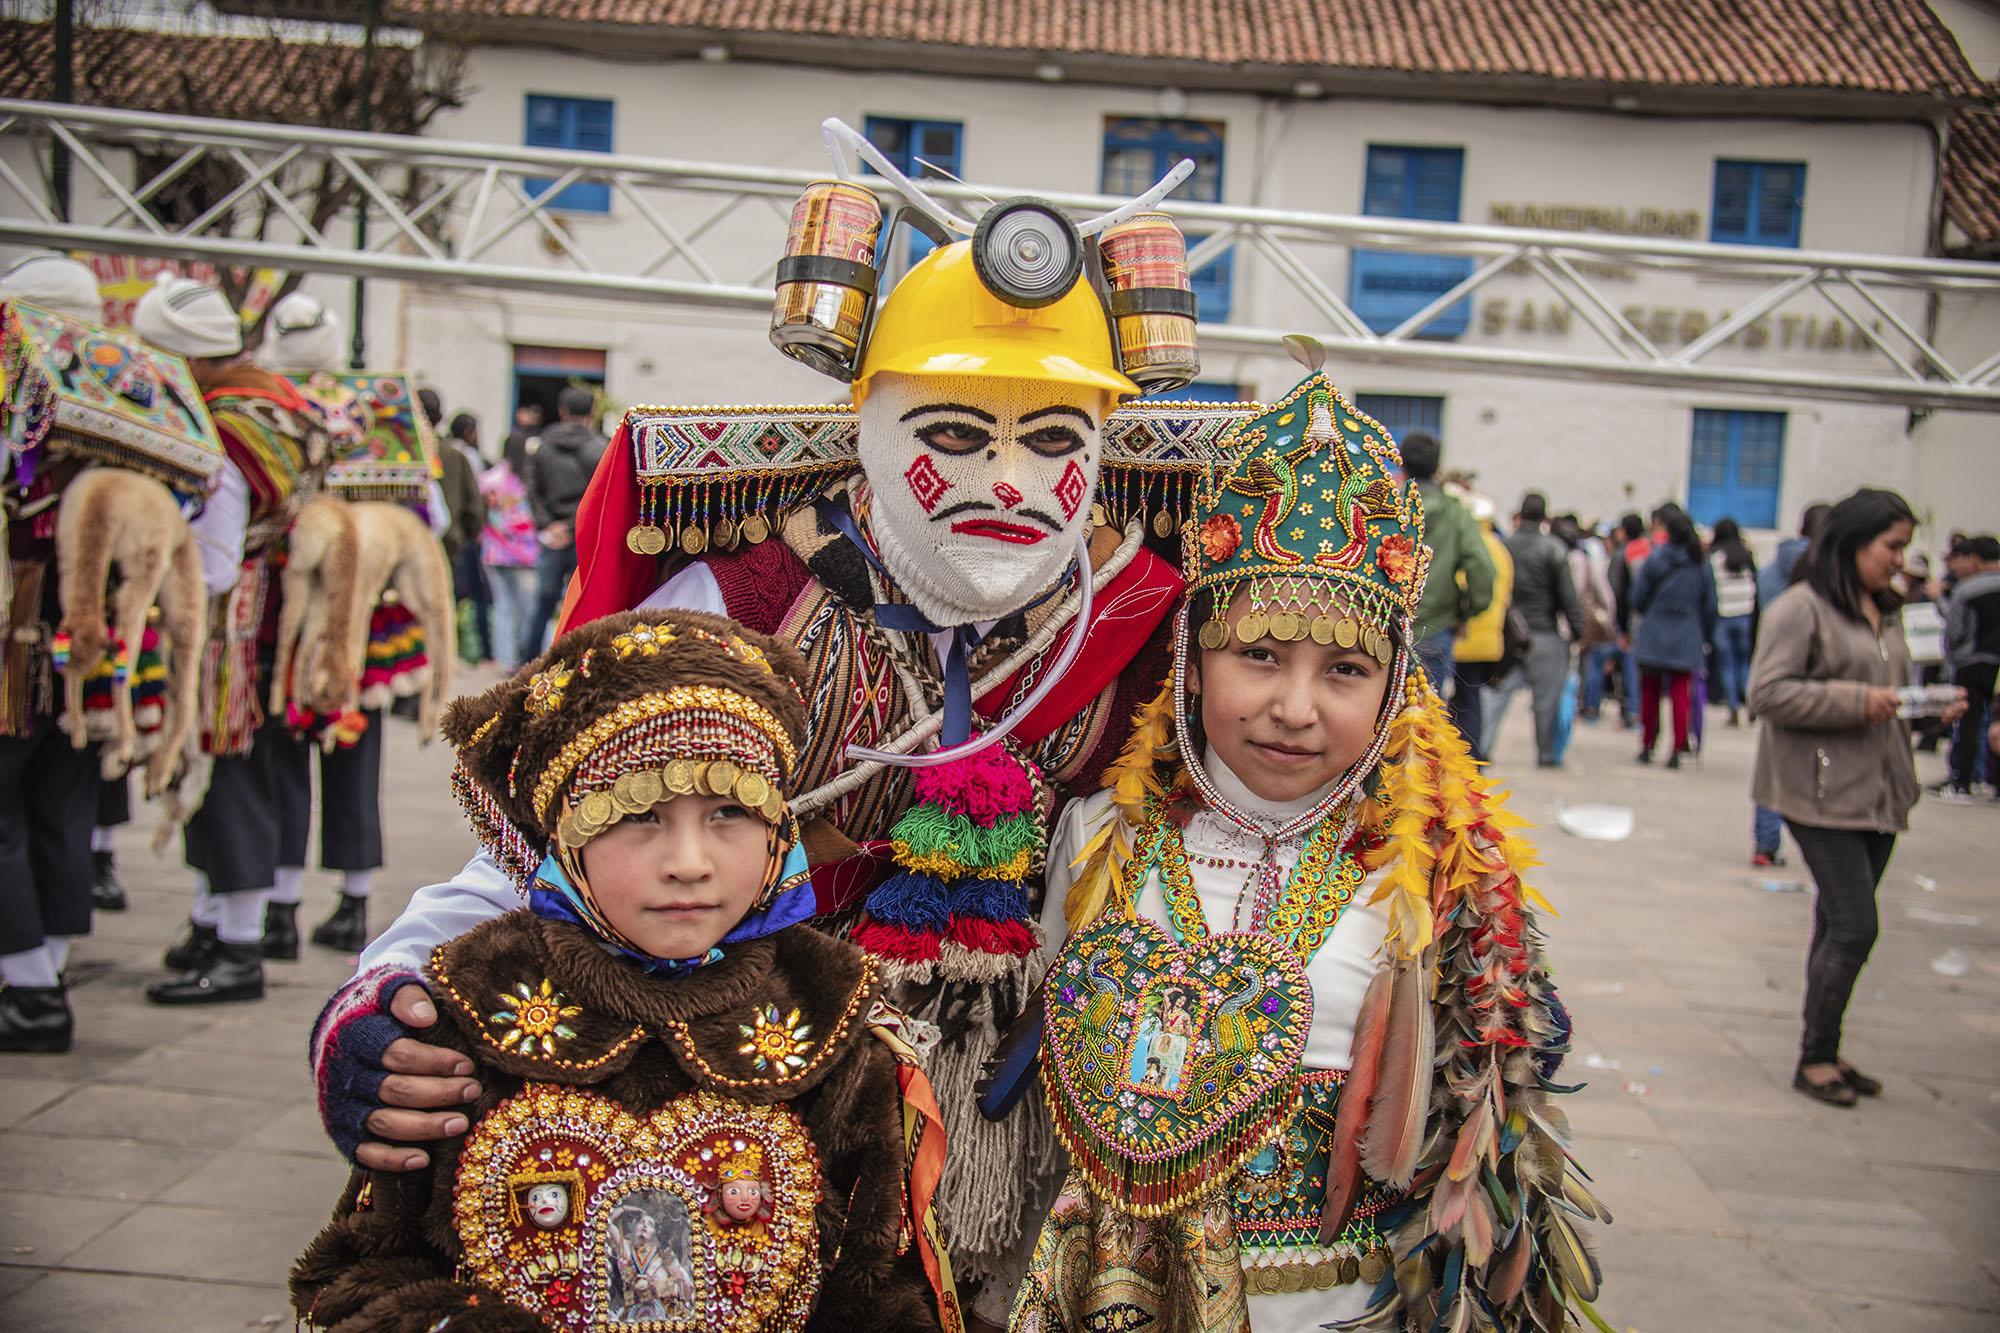 The festival of San Sebastian in Cusco in 8 colorful